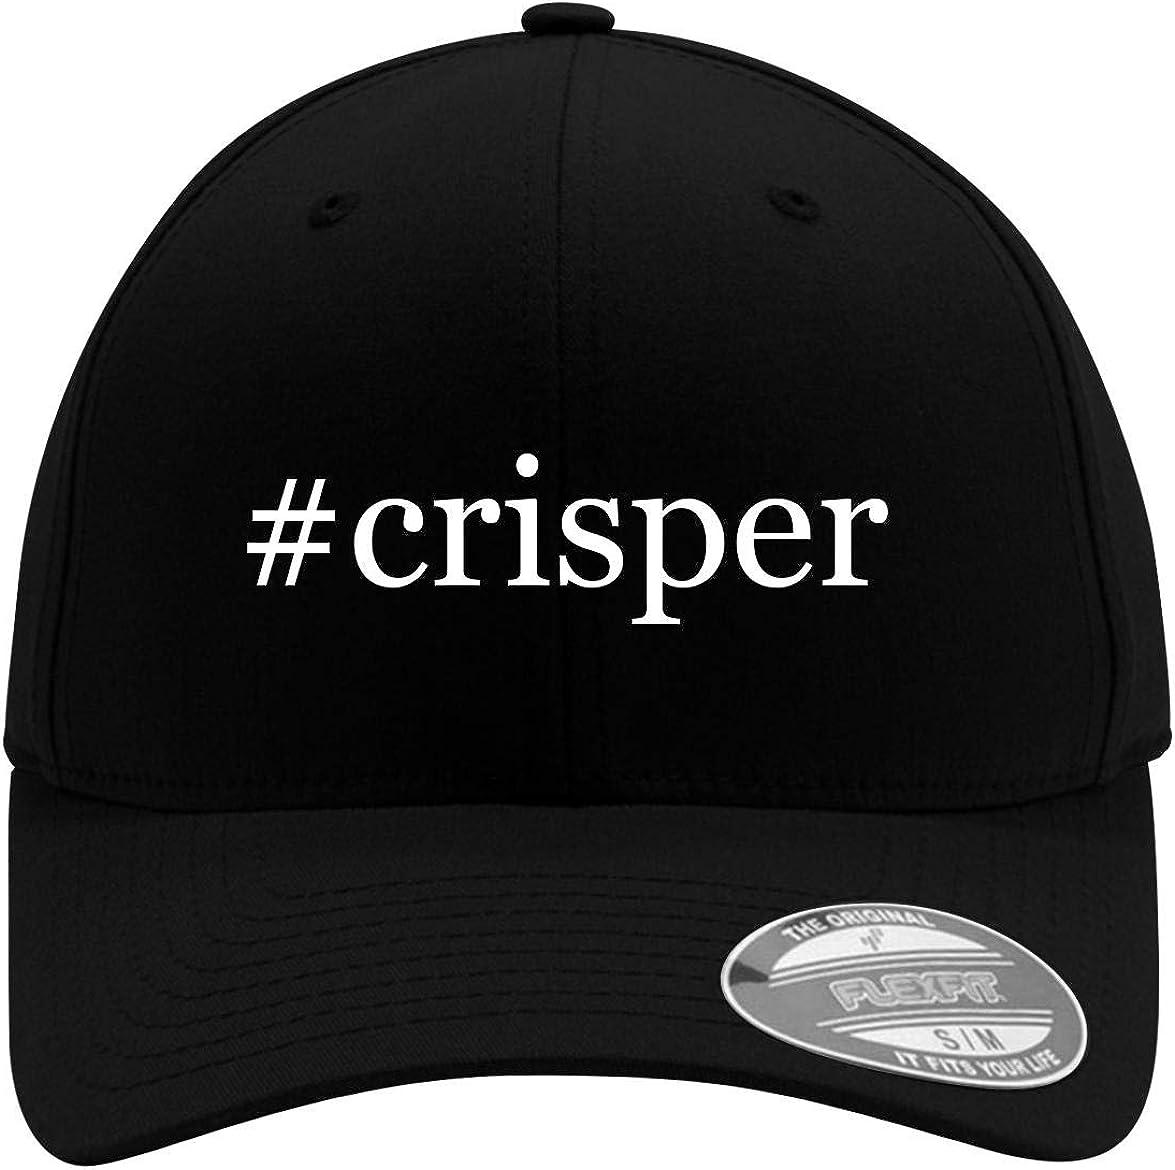 #crisper - Adult Men's Hashtag Flexfit Baseball Hat Cap